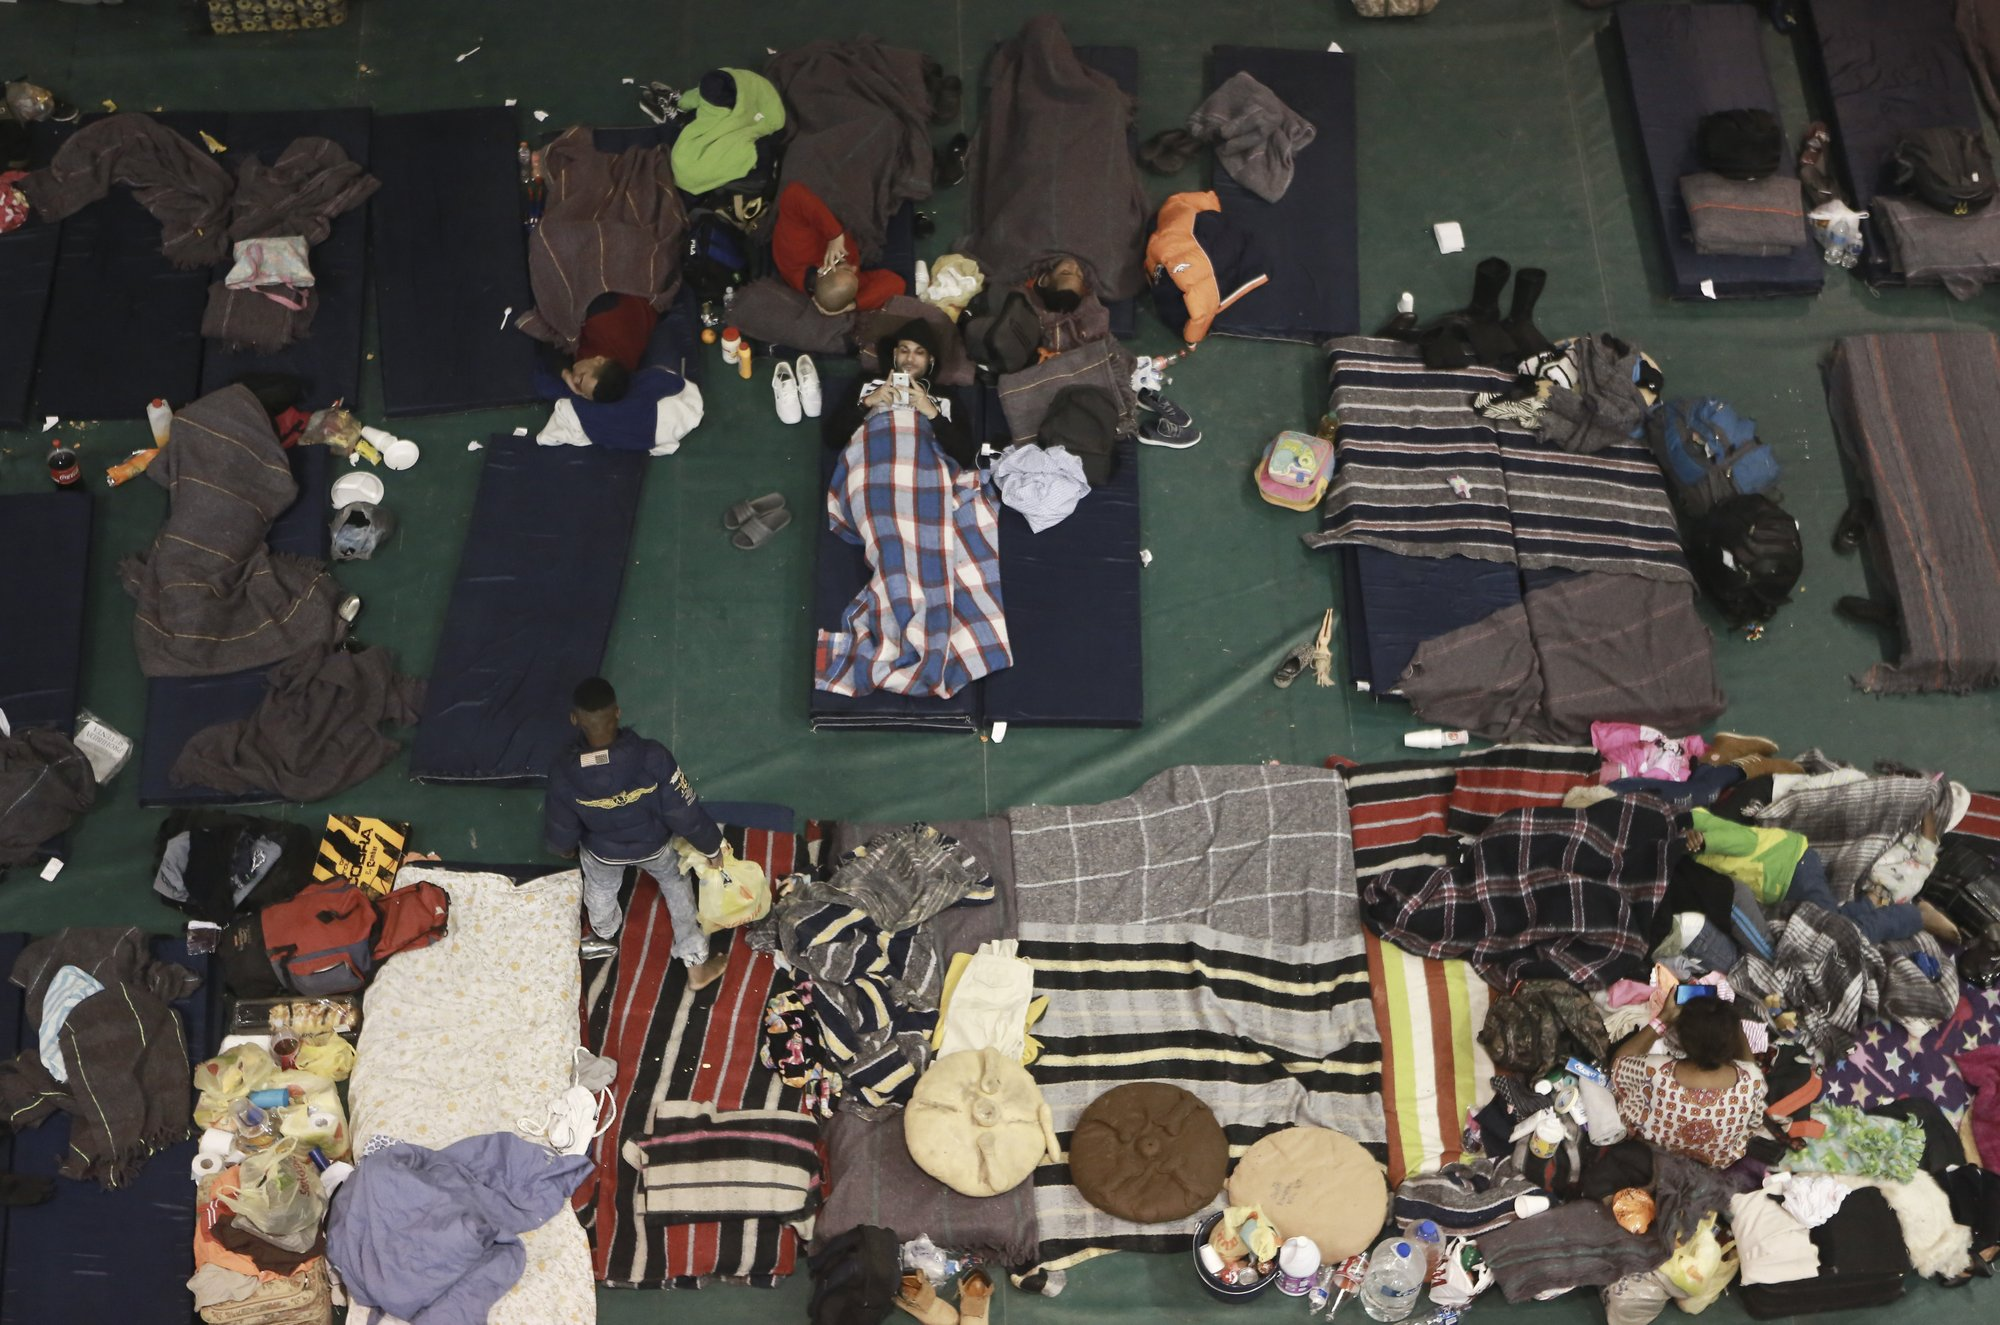 Mexico closes temporary migrant shelter near US border